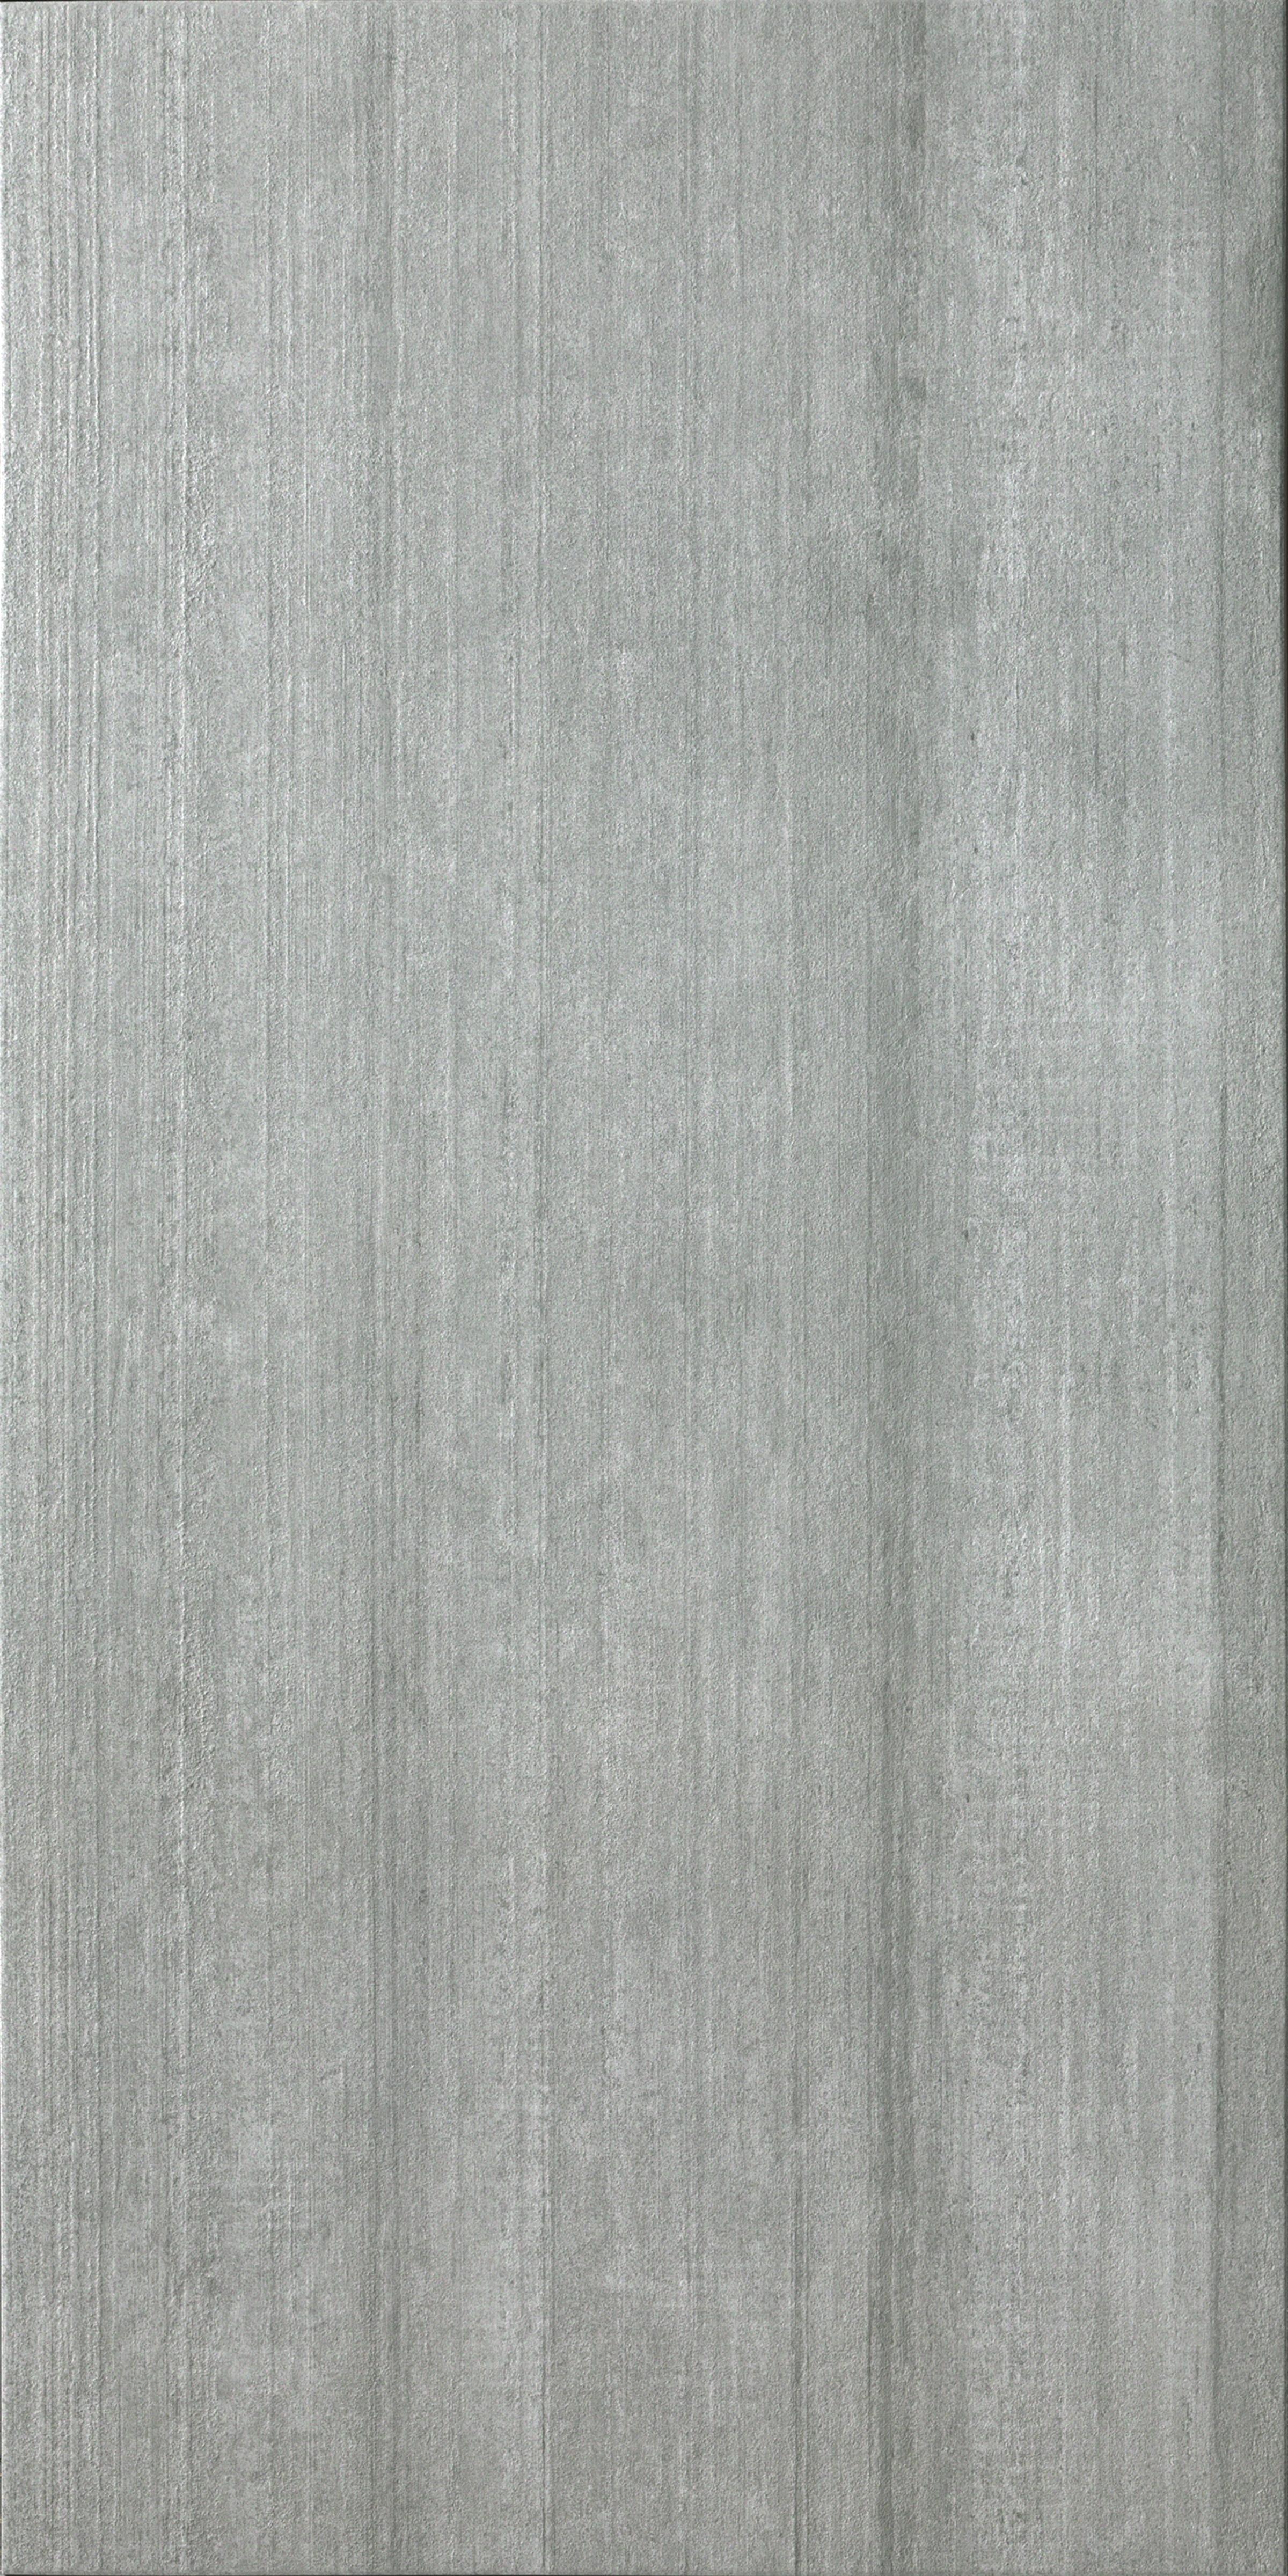 CEMGR1224C – Grigio Cassero